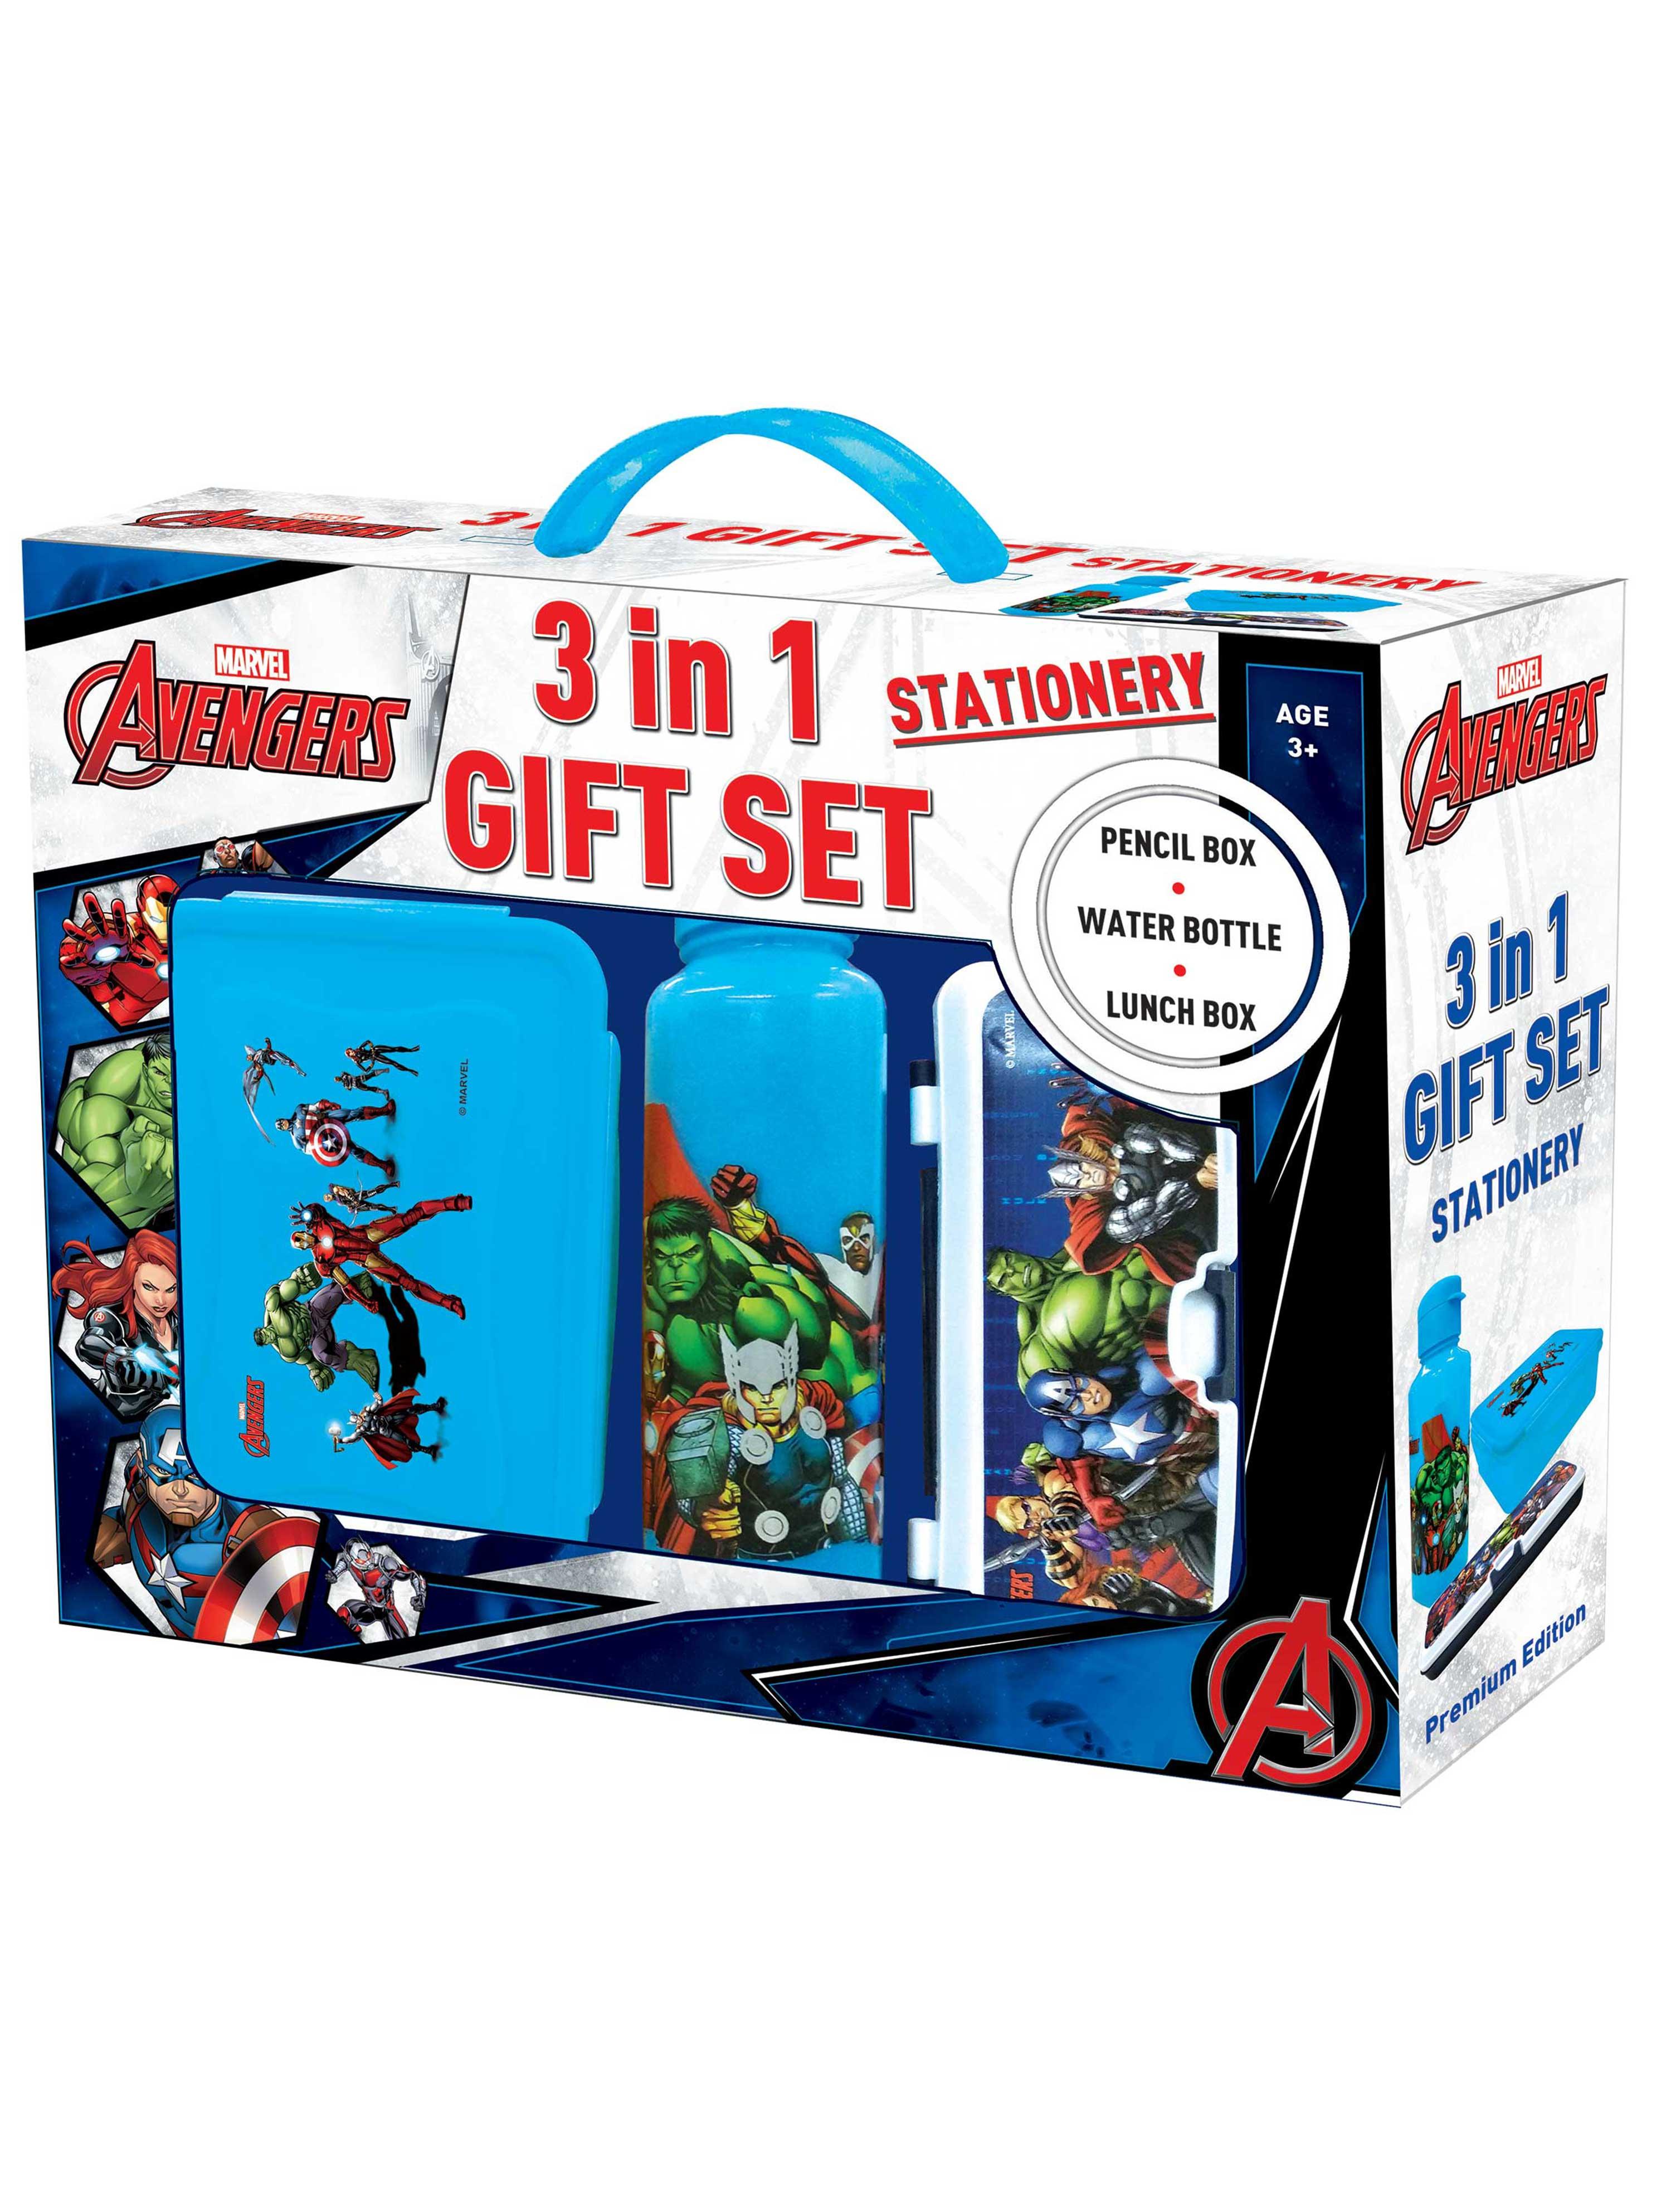 Marvel Avengers 3 in 1 Gift Set